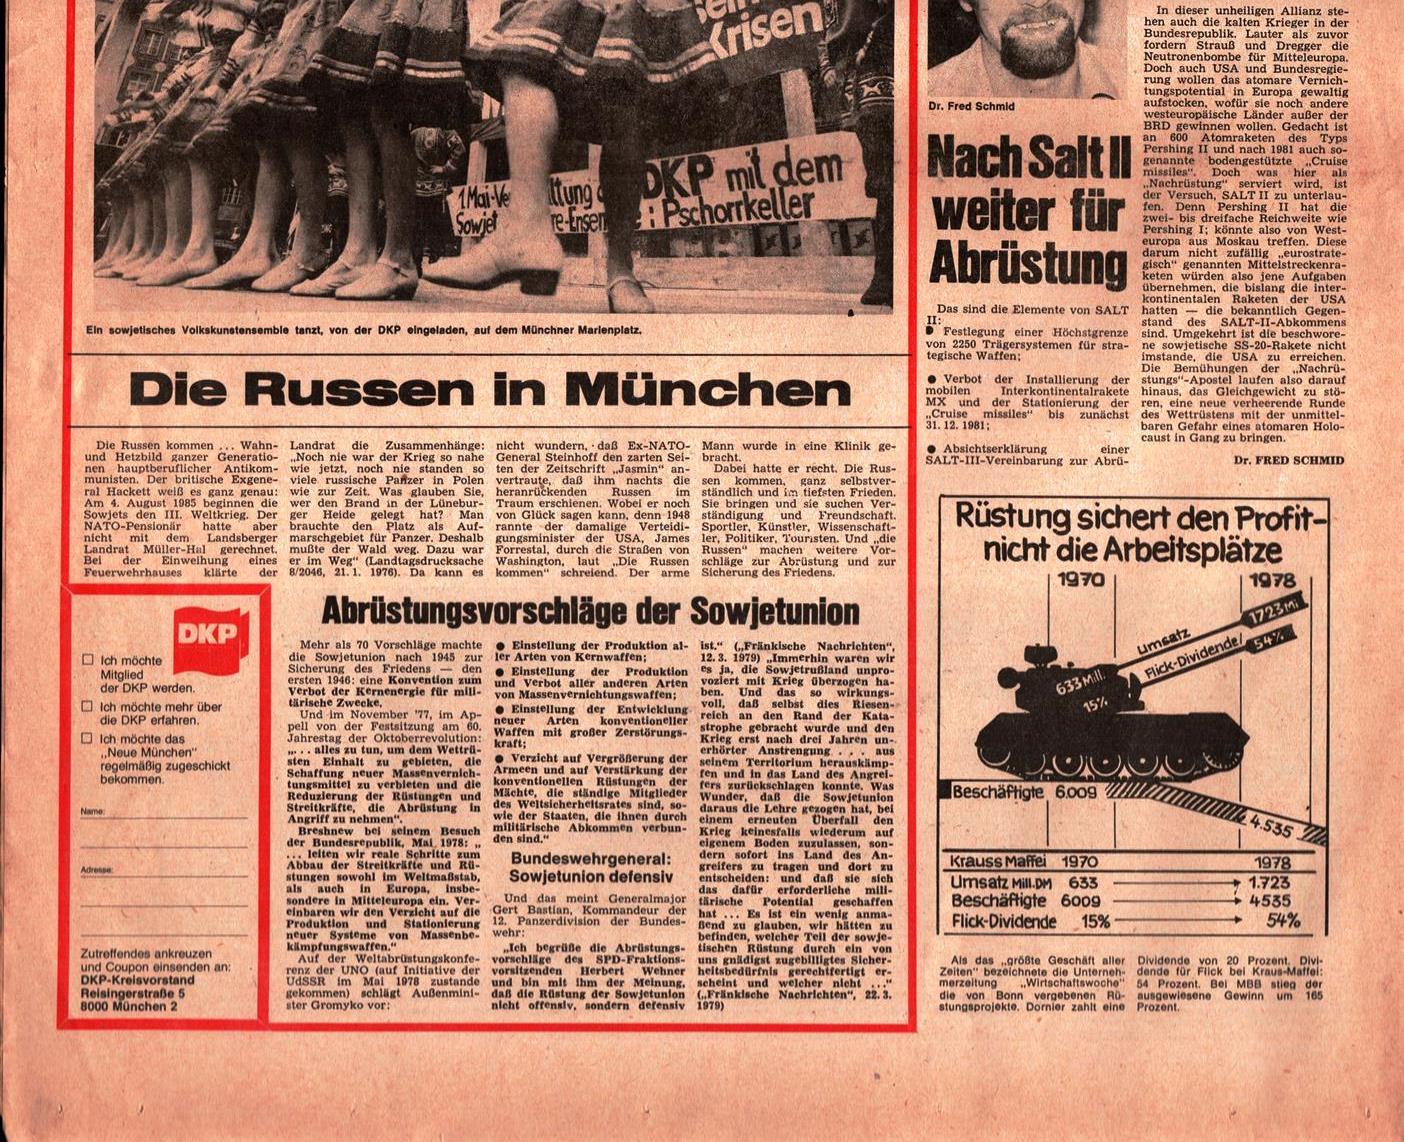 Muenchen_DKP_Neues_Muenchen_19790800_008_004